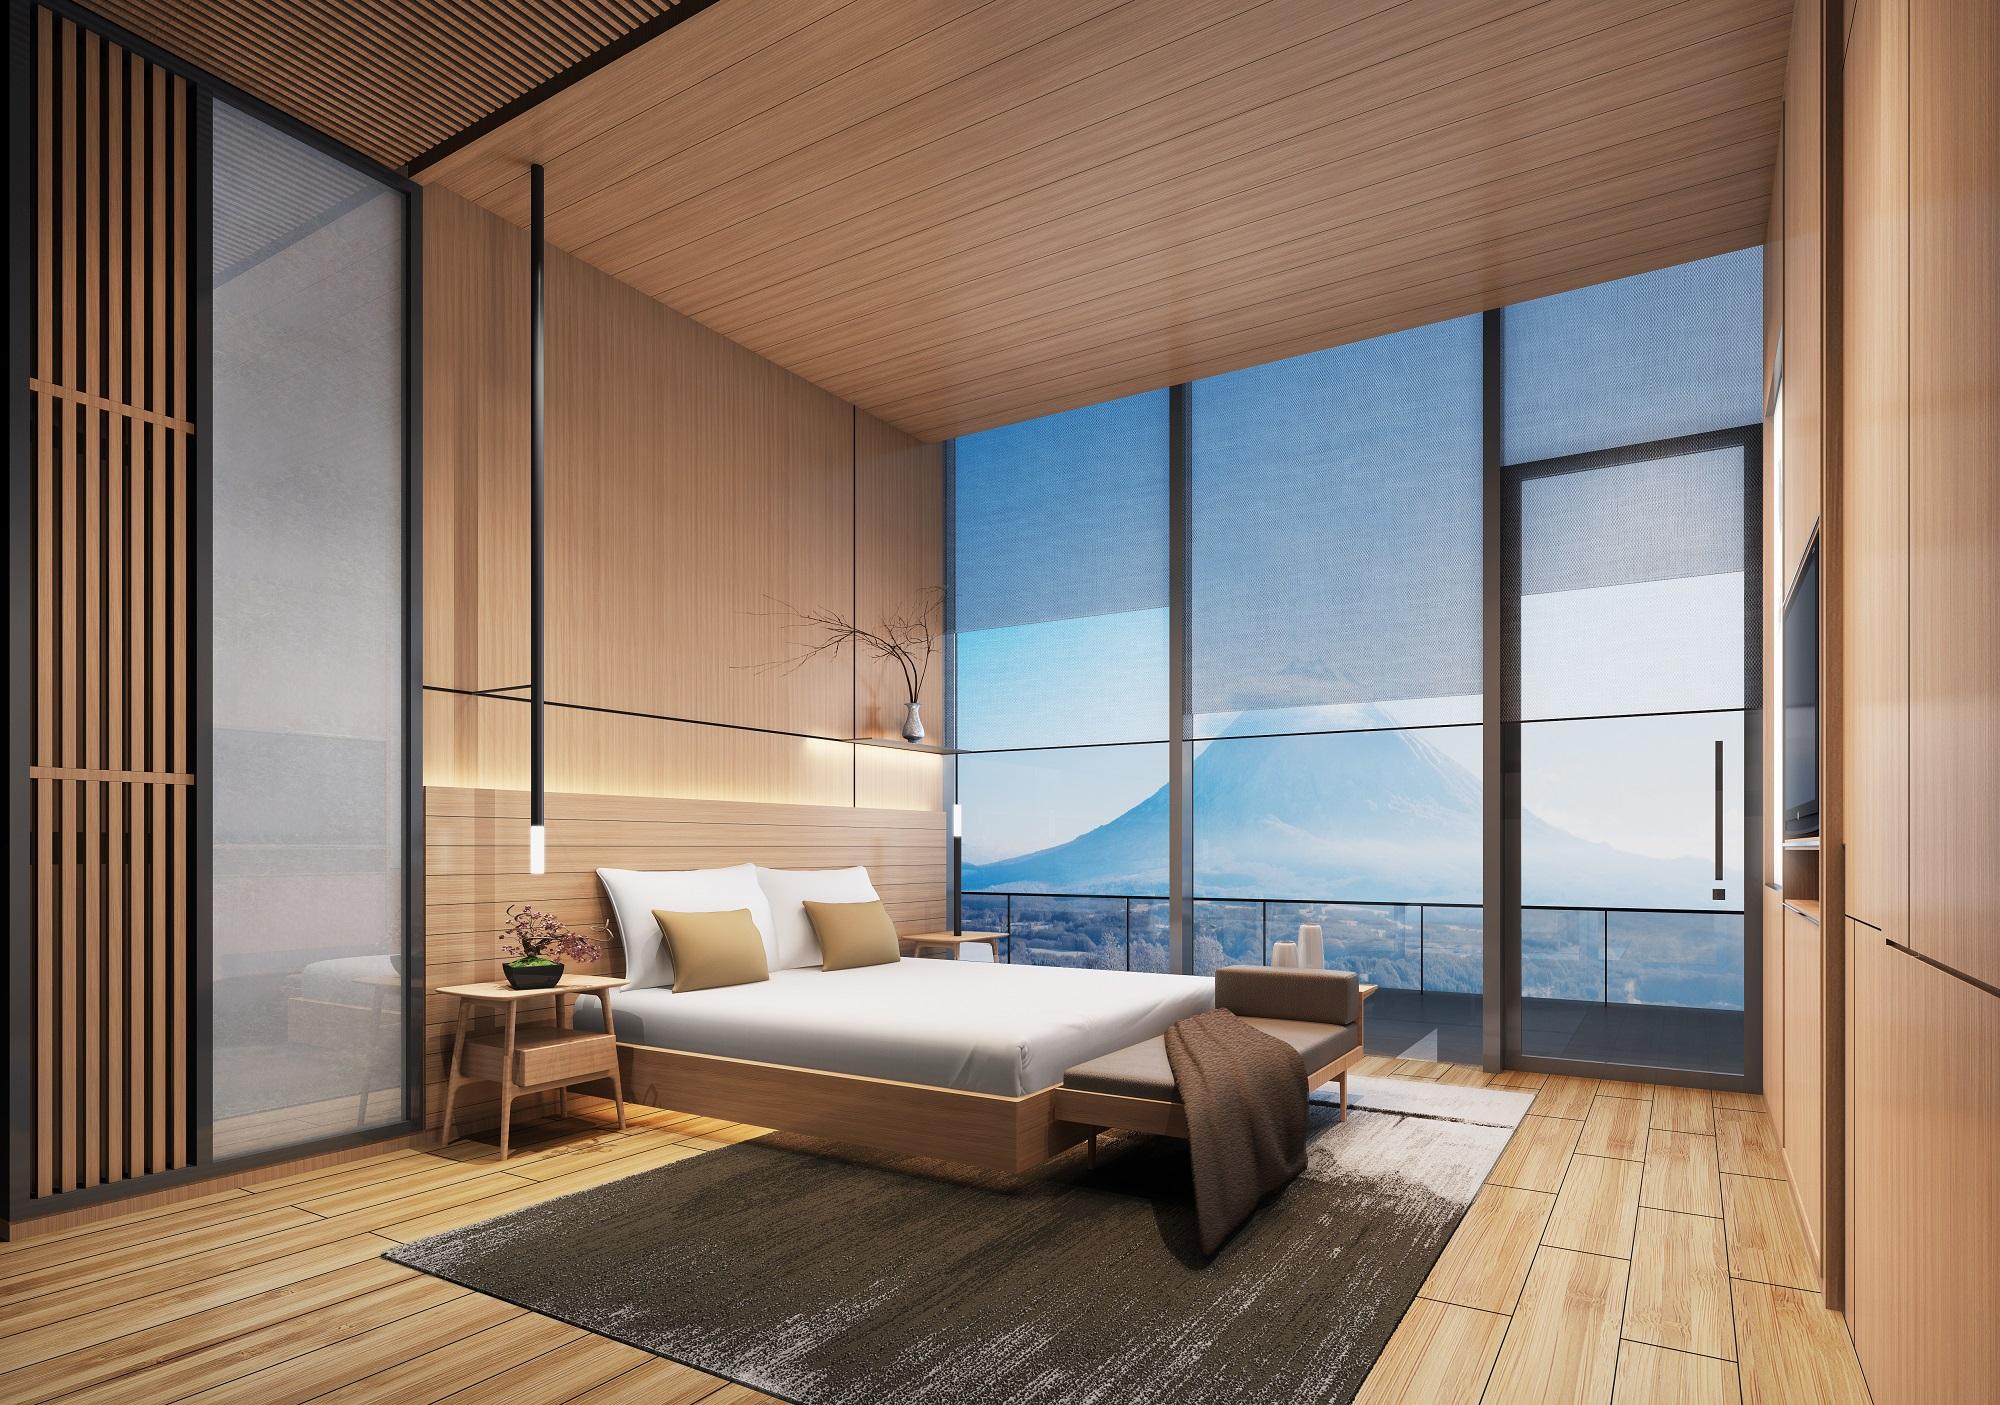 Skye Niseko Luxury Niseko Resort Hotel Ski Niseko Realty Real Estate Services And Property